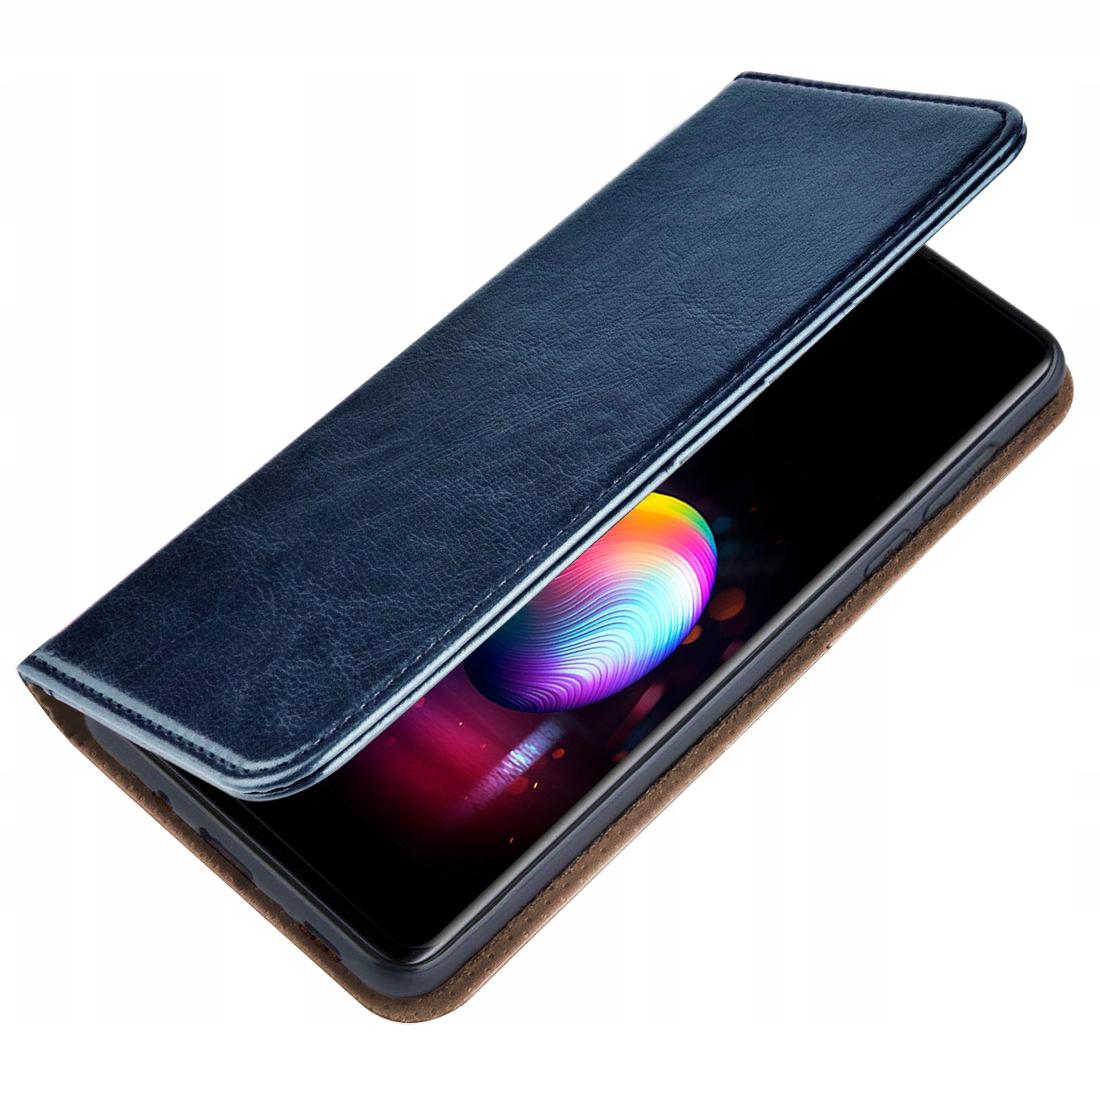 Etui do Samsung Galaxy S20 FE Skórzane Case Szkło Dedykowany model Samsung Galaxy S20 FE